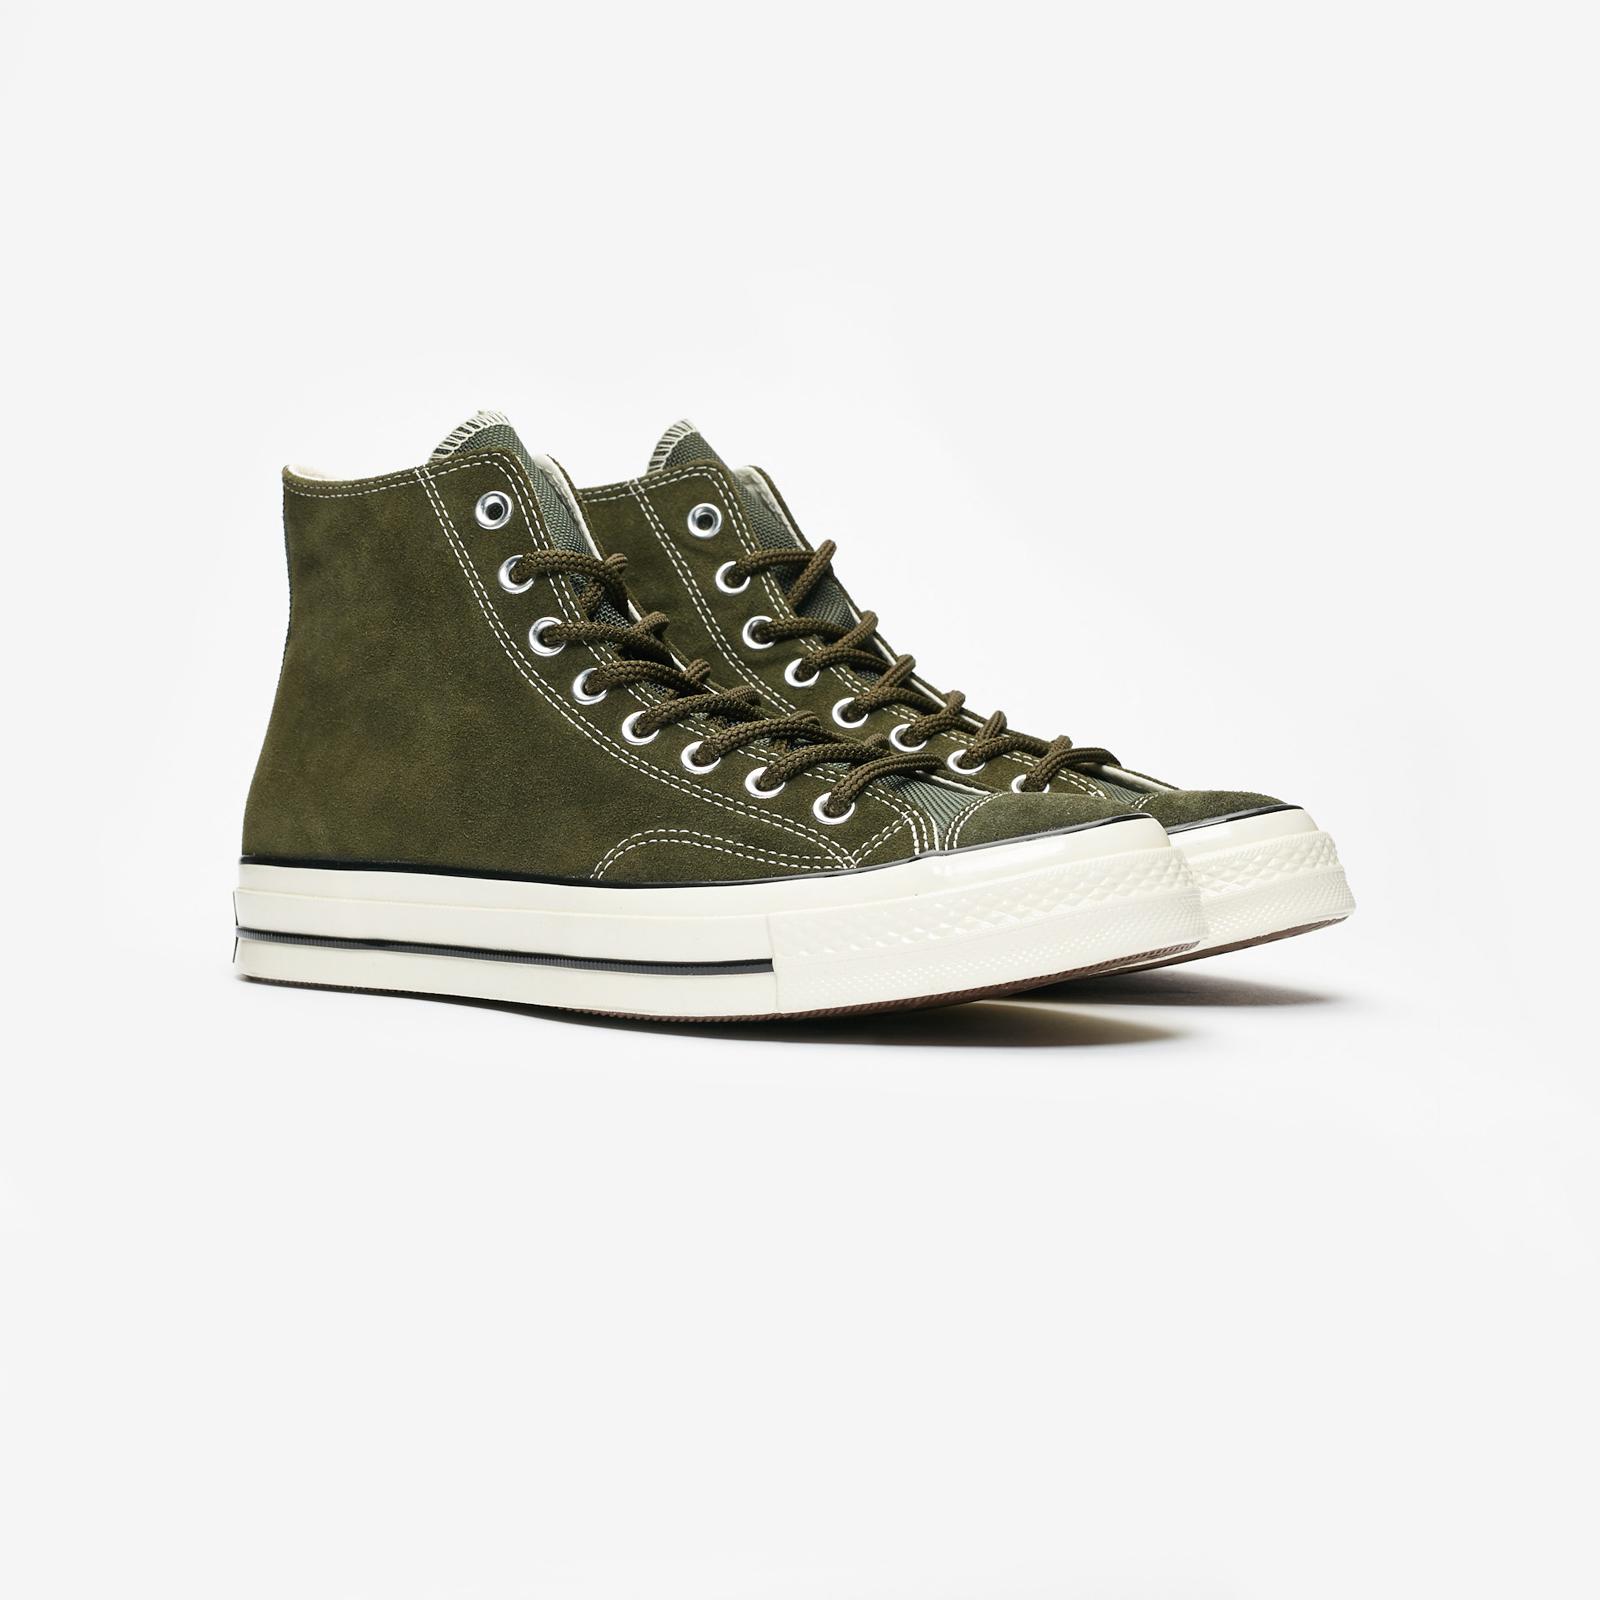 aa48774a631 Converse Chuck Taylor 70s Hi - 162371c - Sneakersnstuff